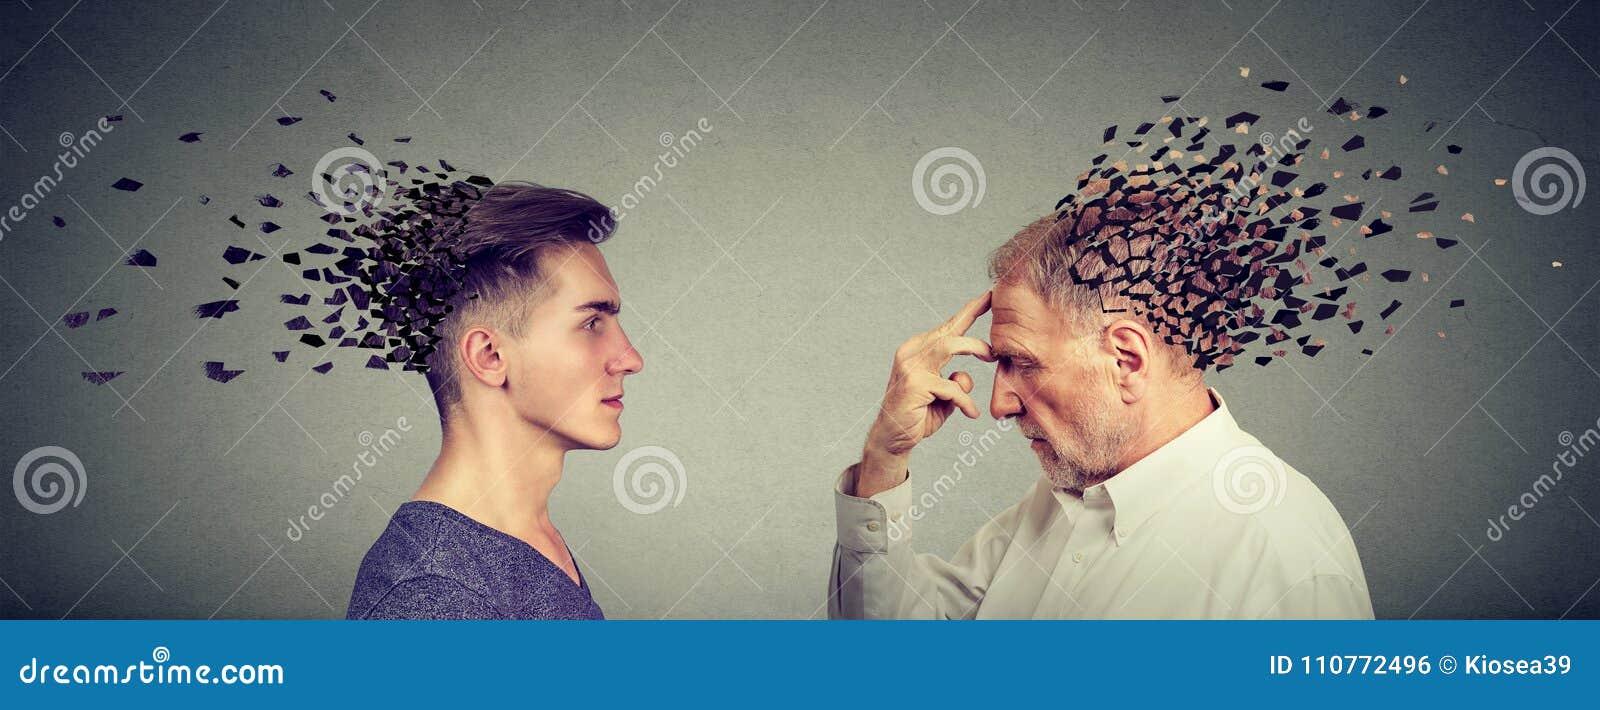 Perte de mémoire due à la démence ou au dommage au cerveau